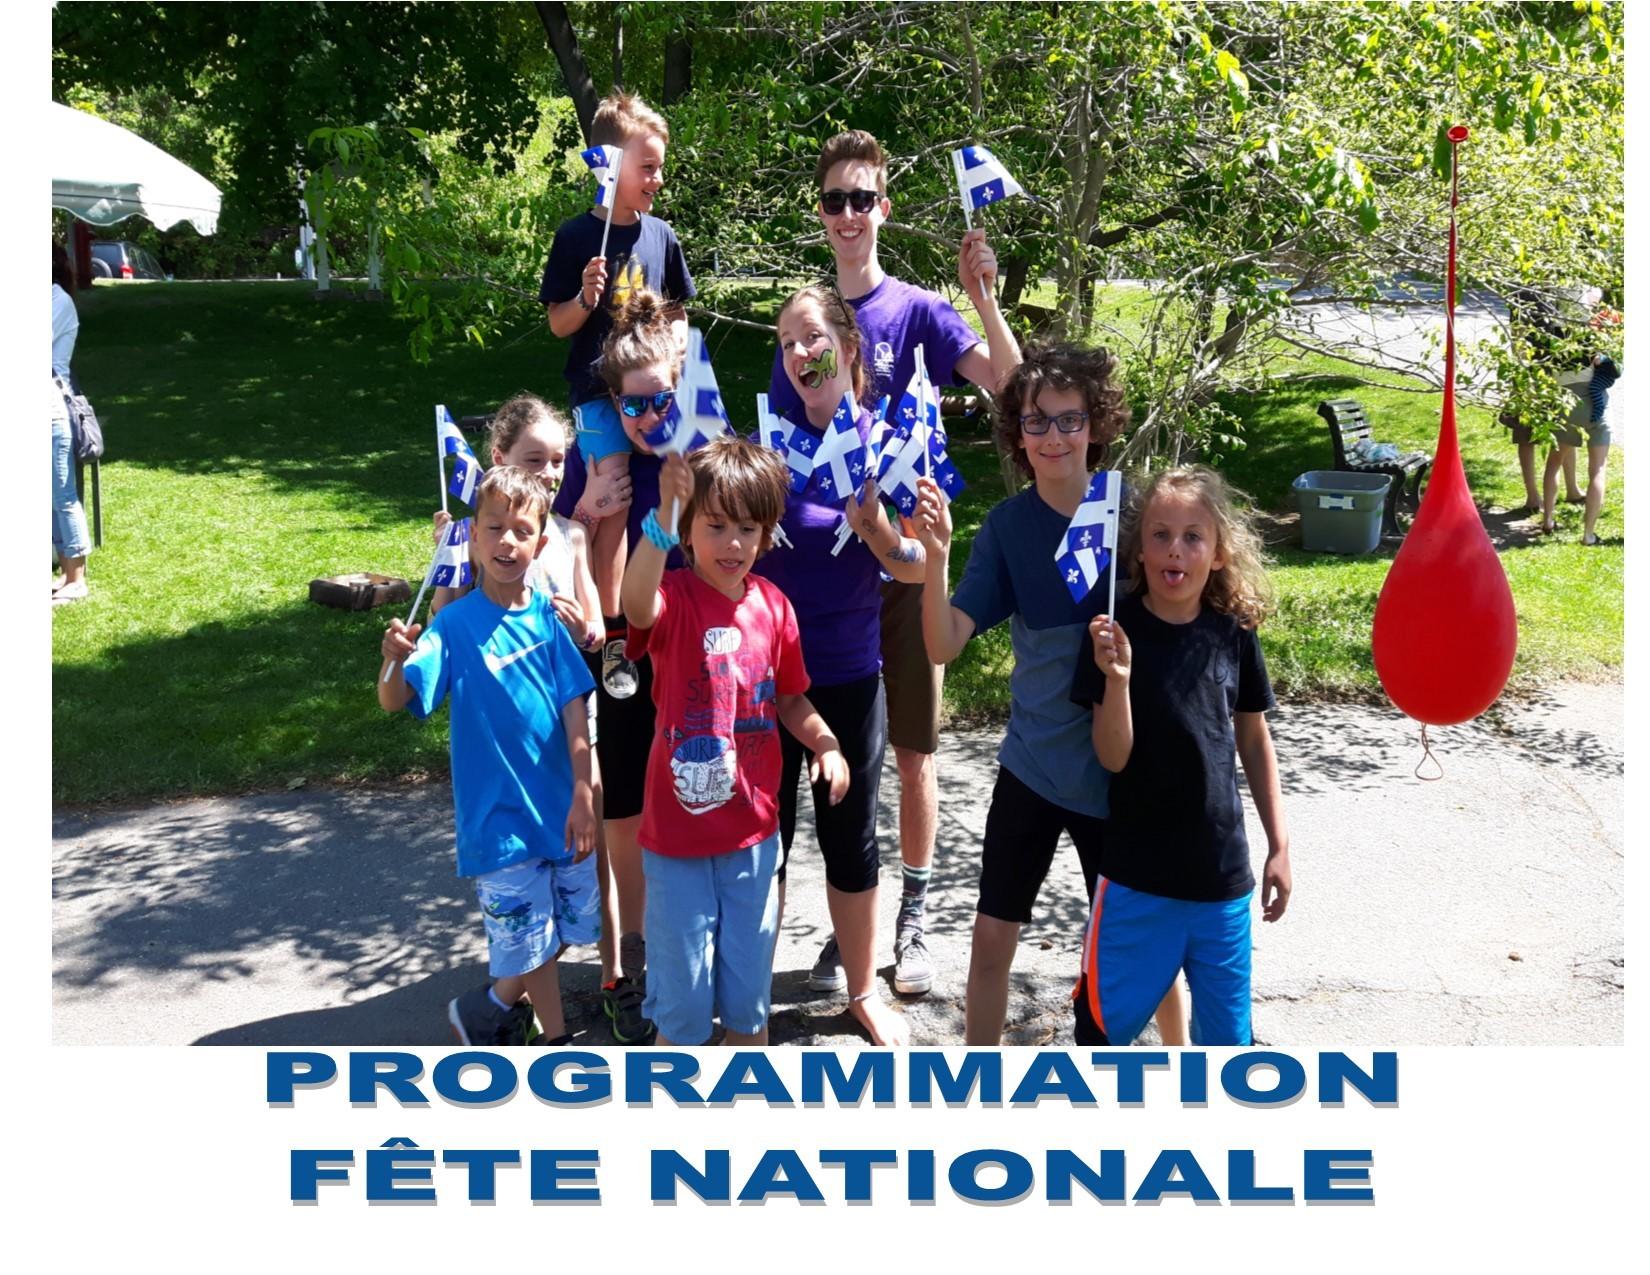 Fête nationale 2017